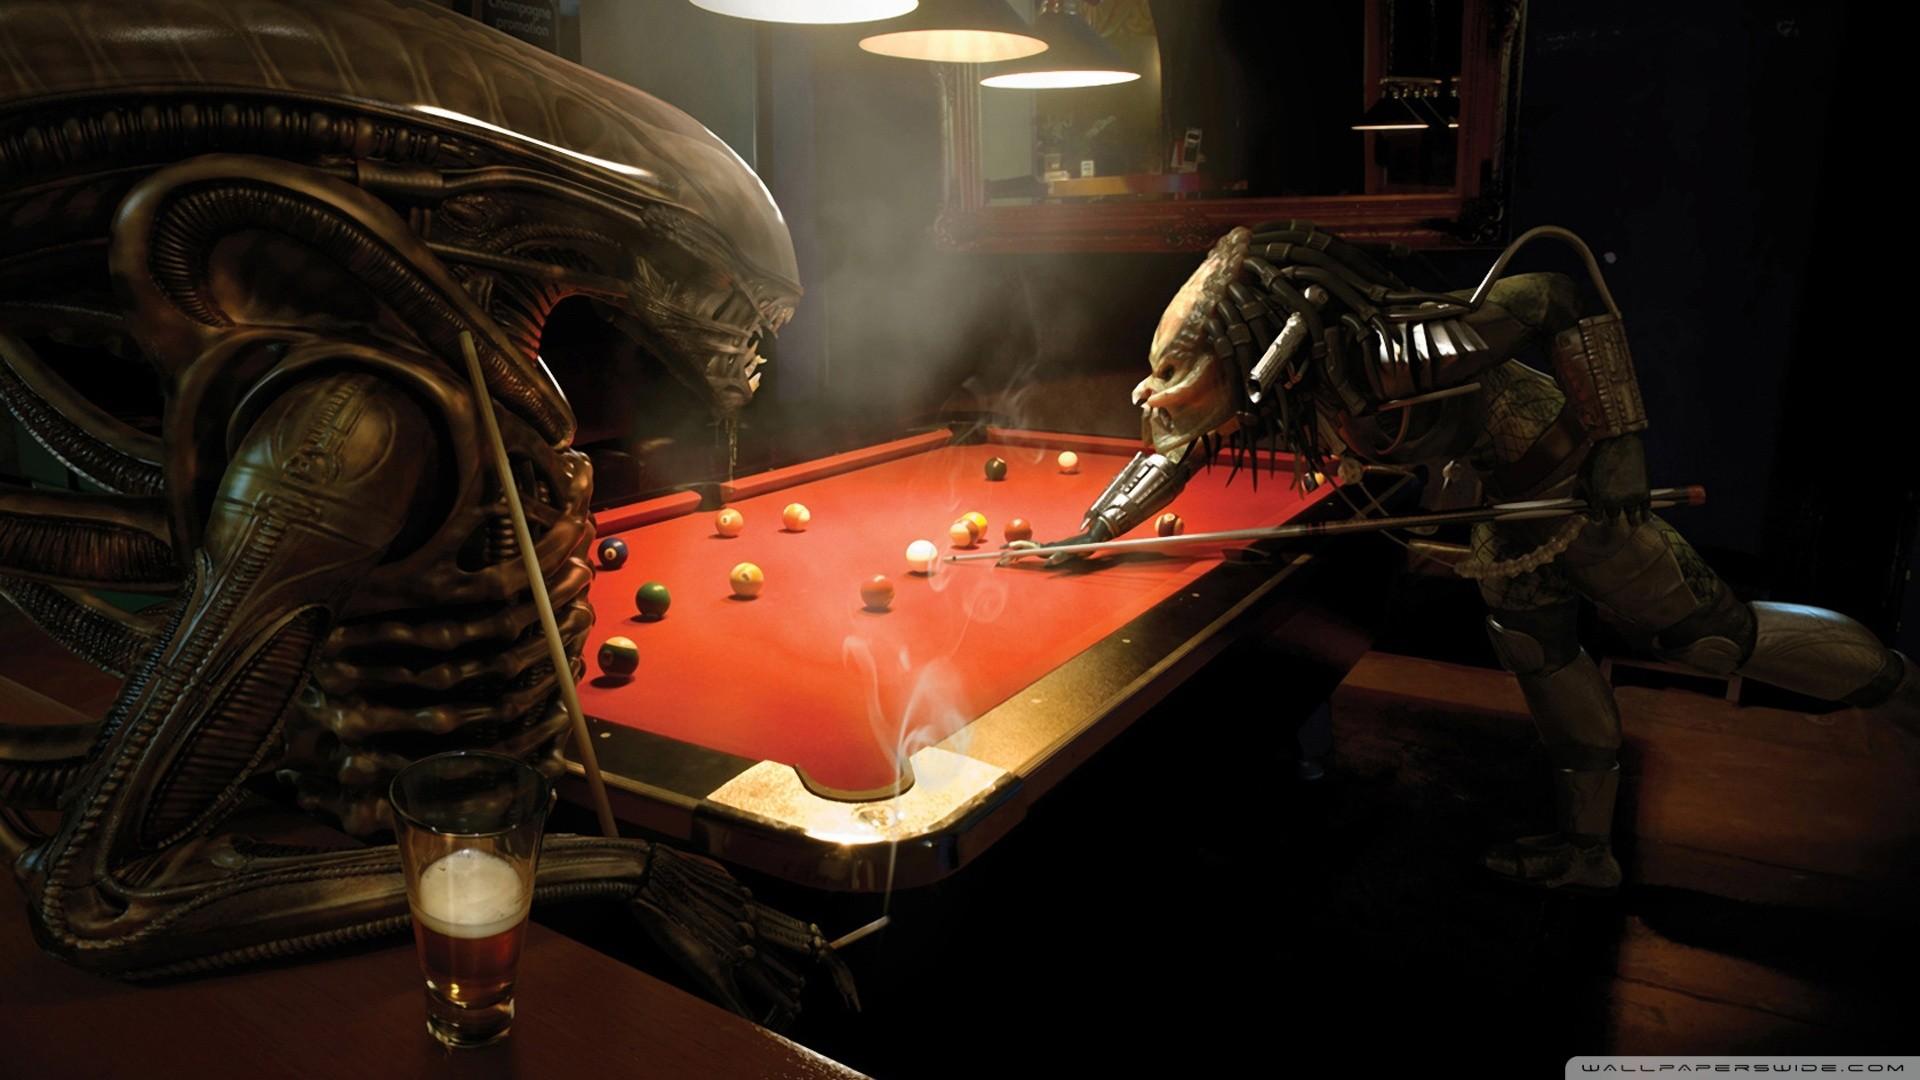 Billiards Aliens Bar Anime Alien Vs Predator Pool Table